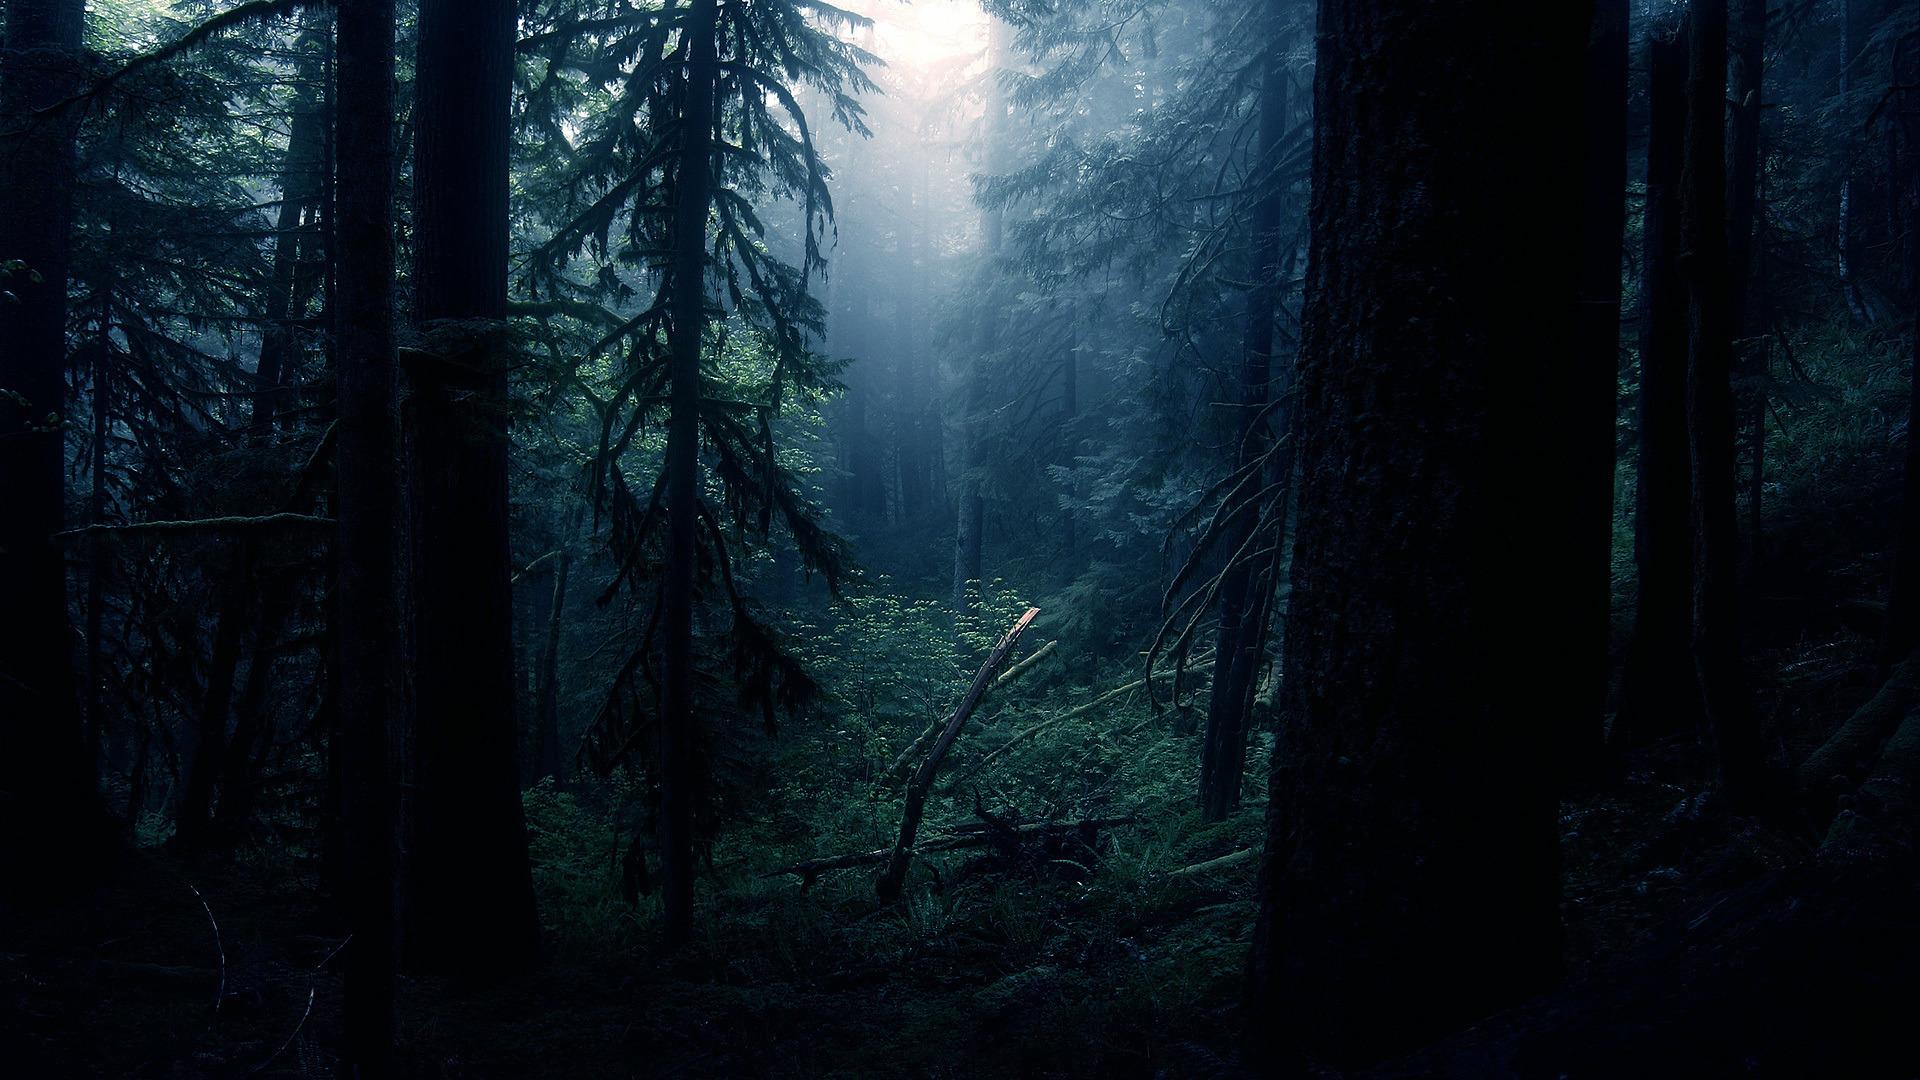 rainforest dark